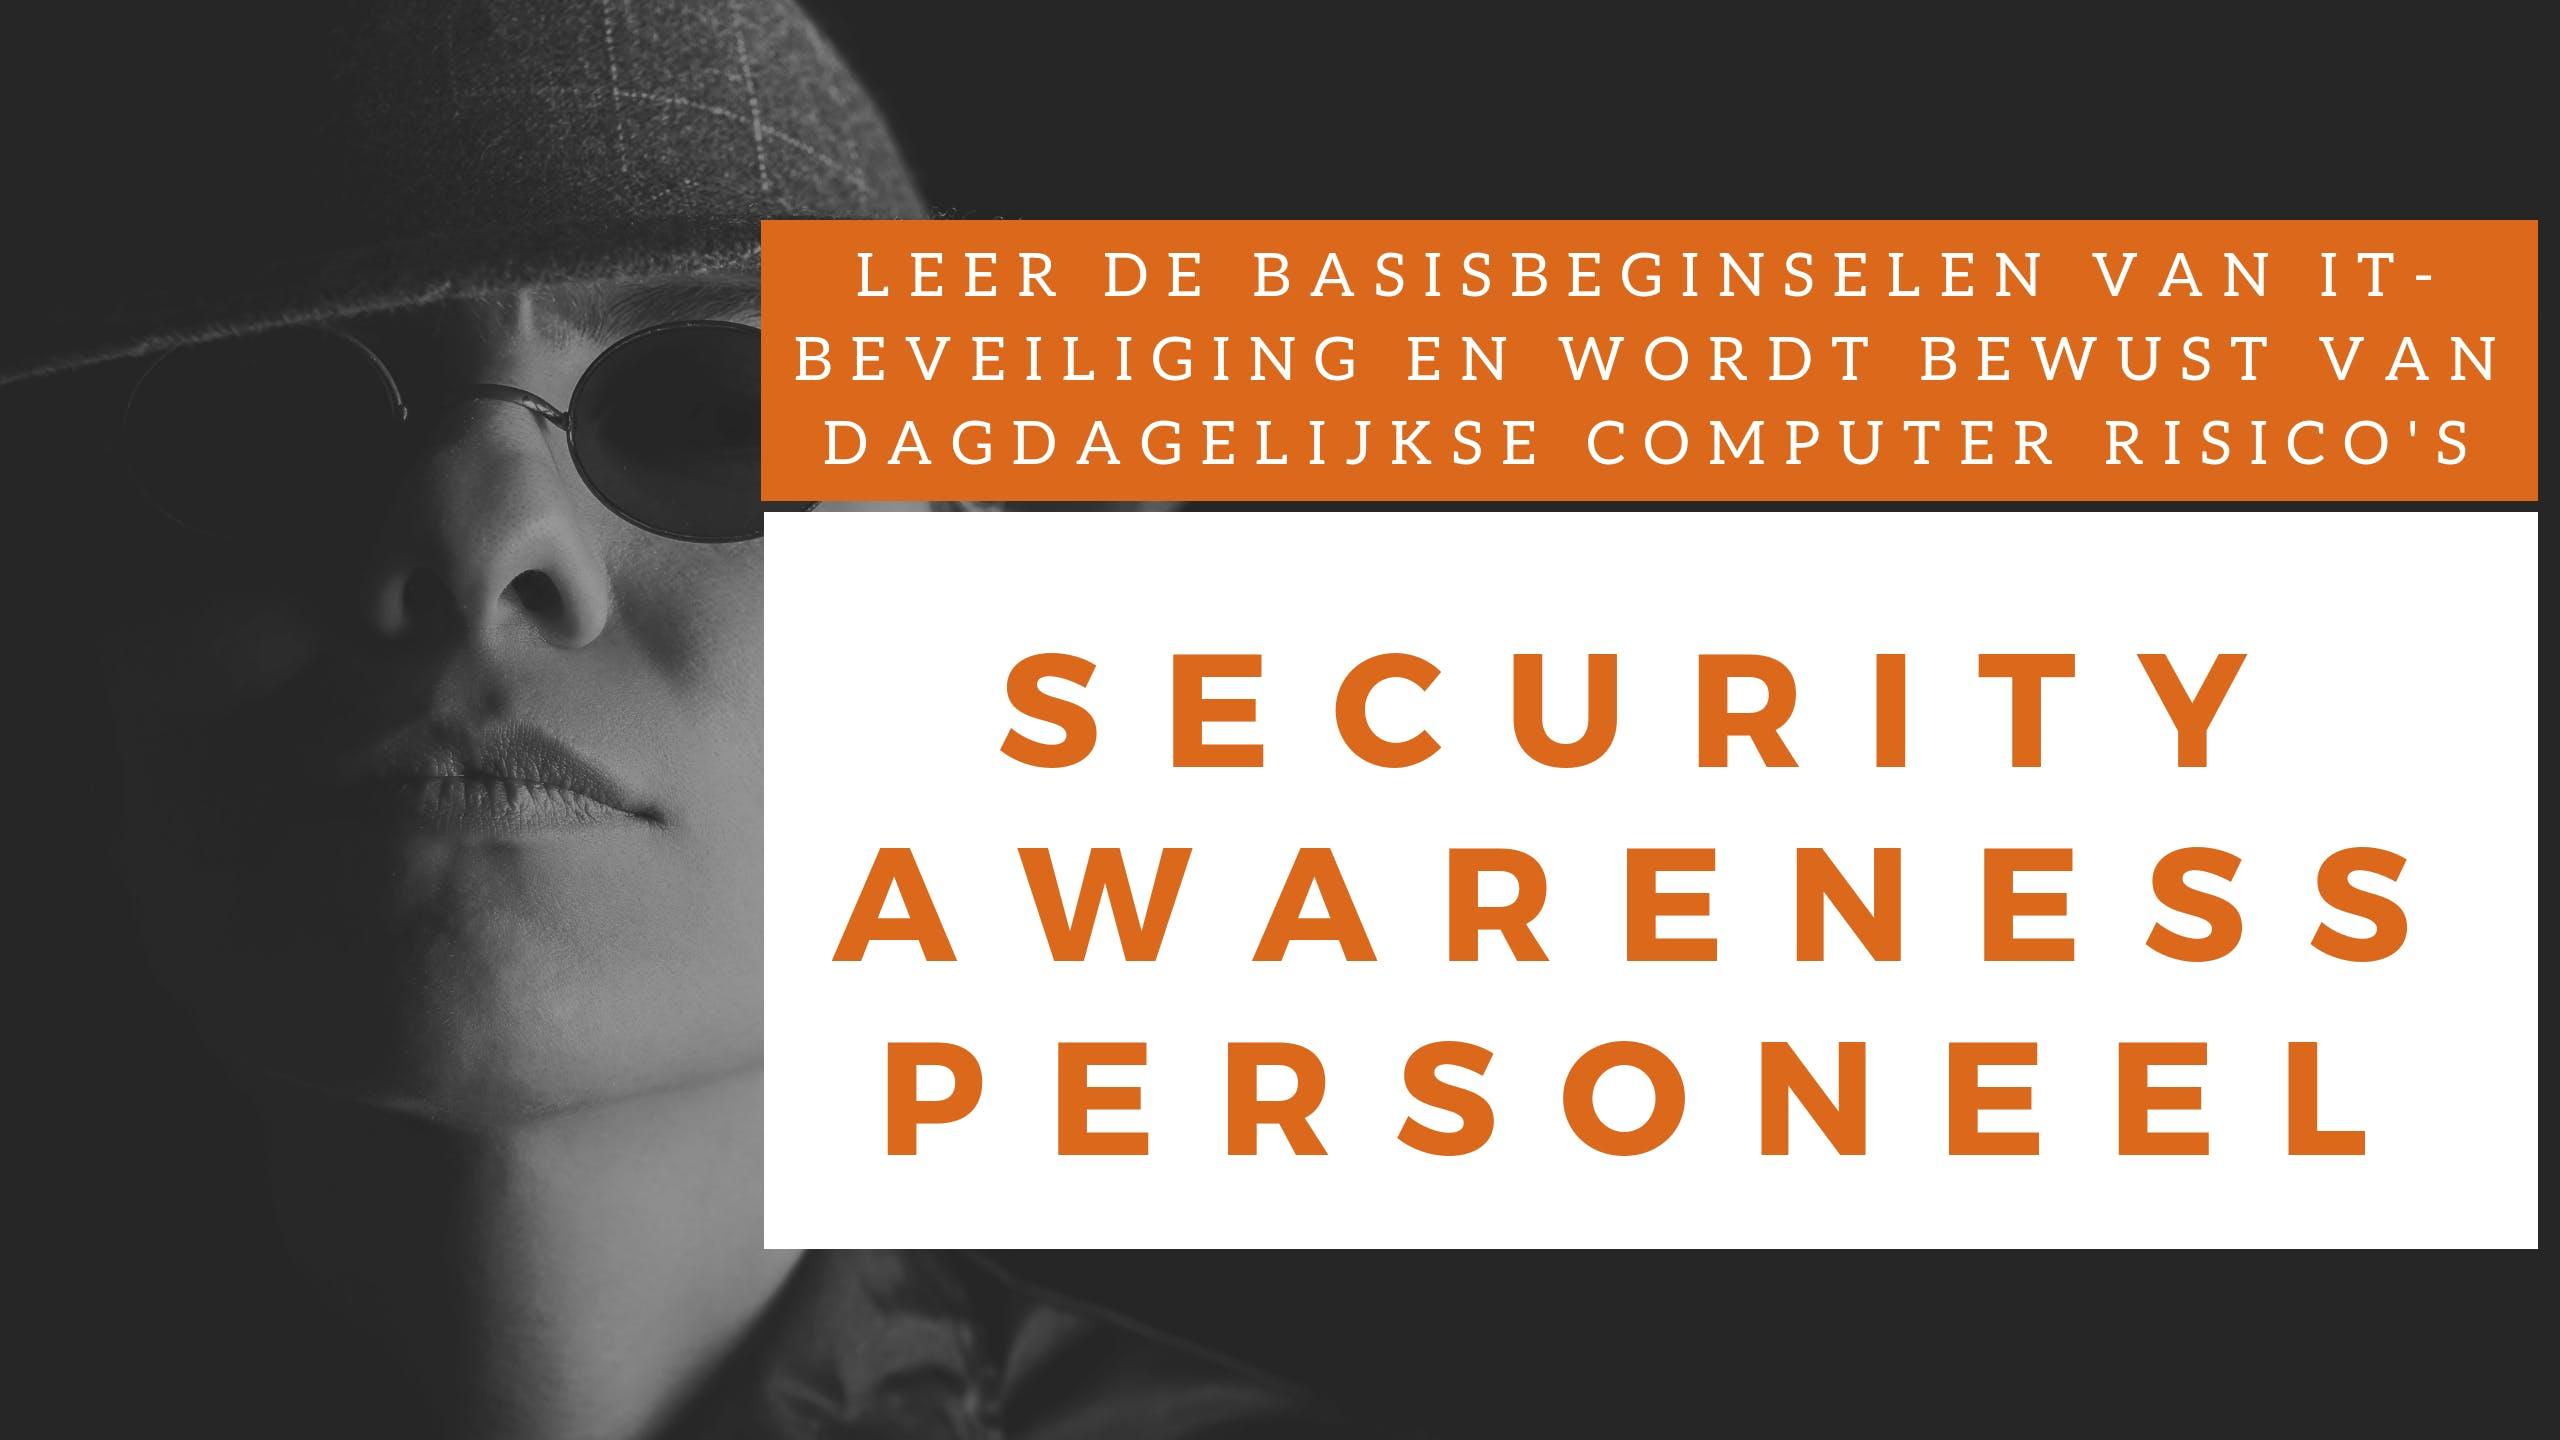 Security Awareness Personeel Training (Nederlands)